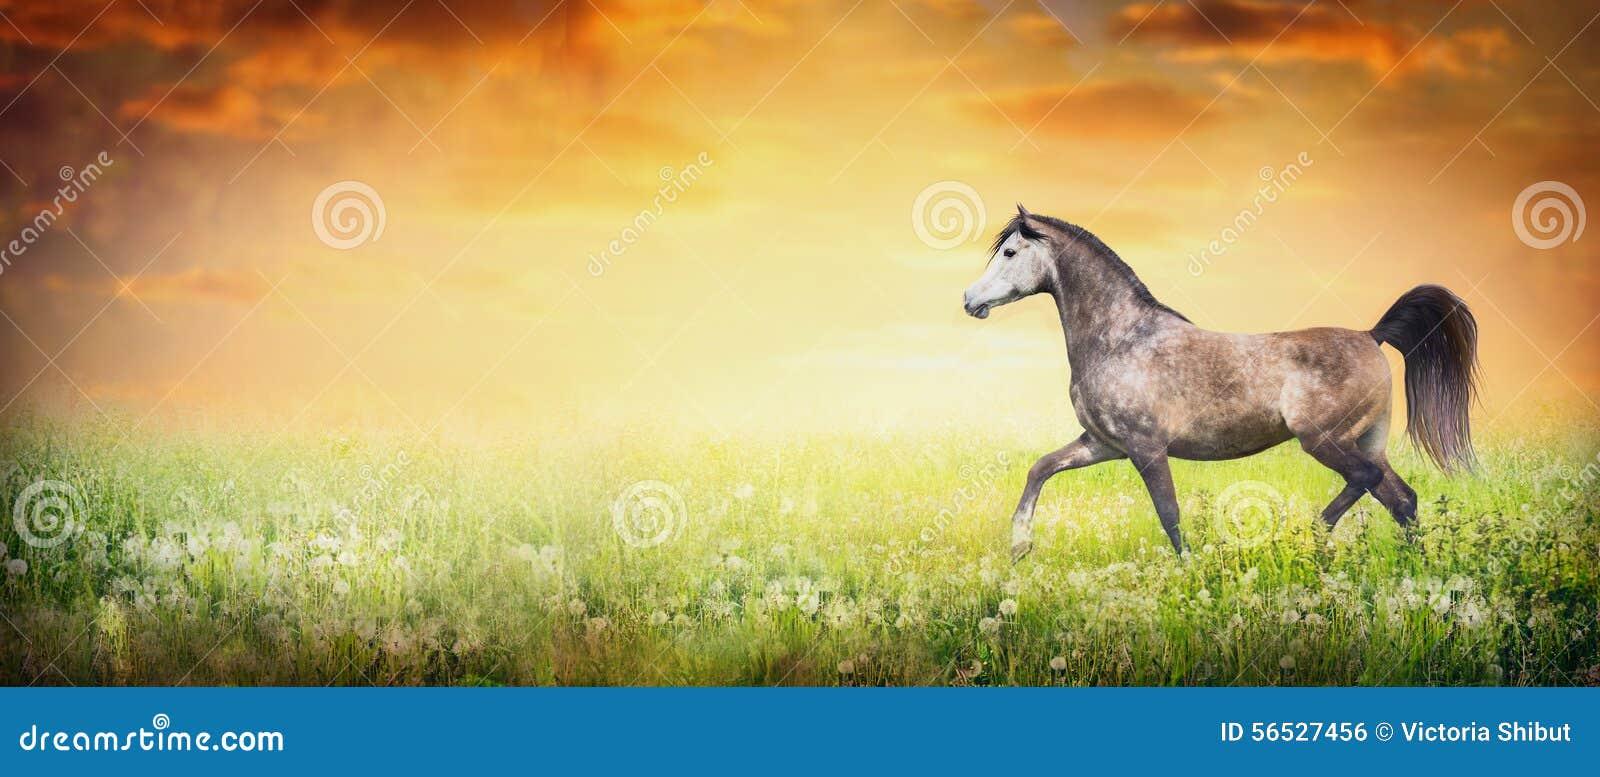 Piękny arabski koński bieg bryk na lata lub jesieni natury tle z zmierzchu niebem, sztandar